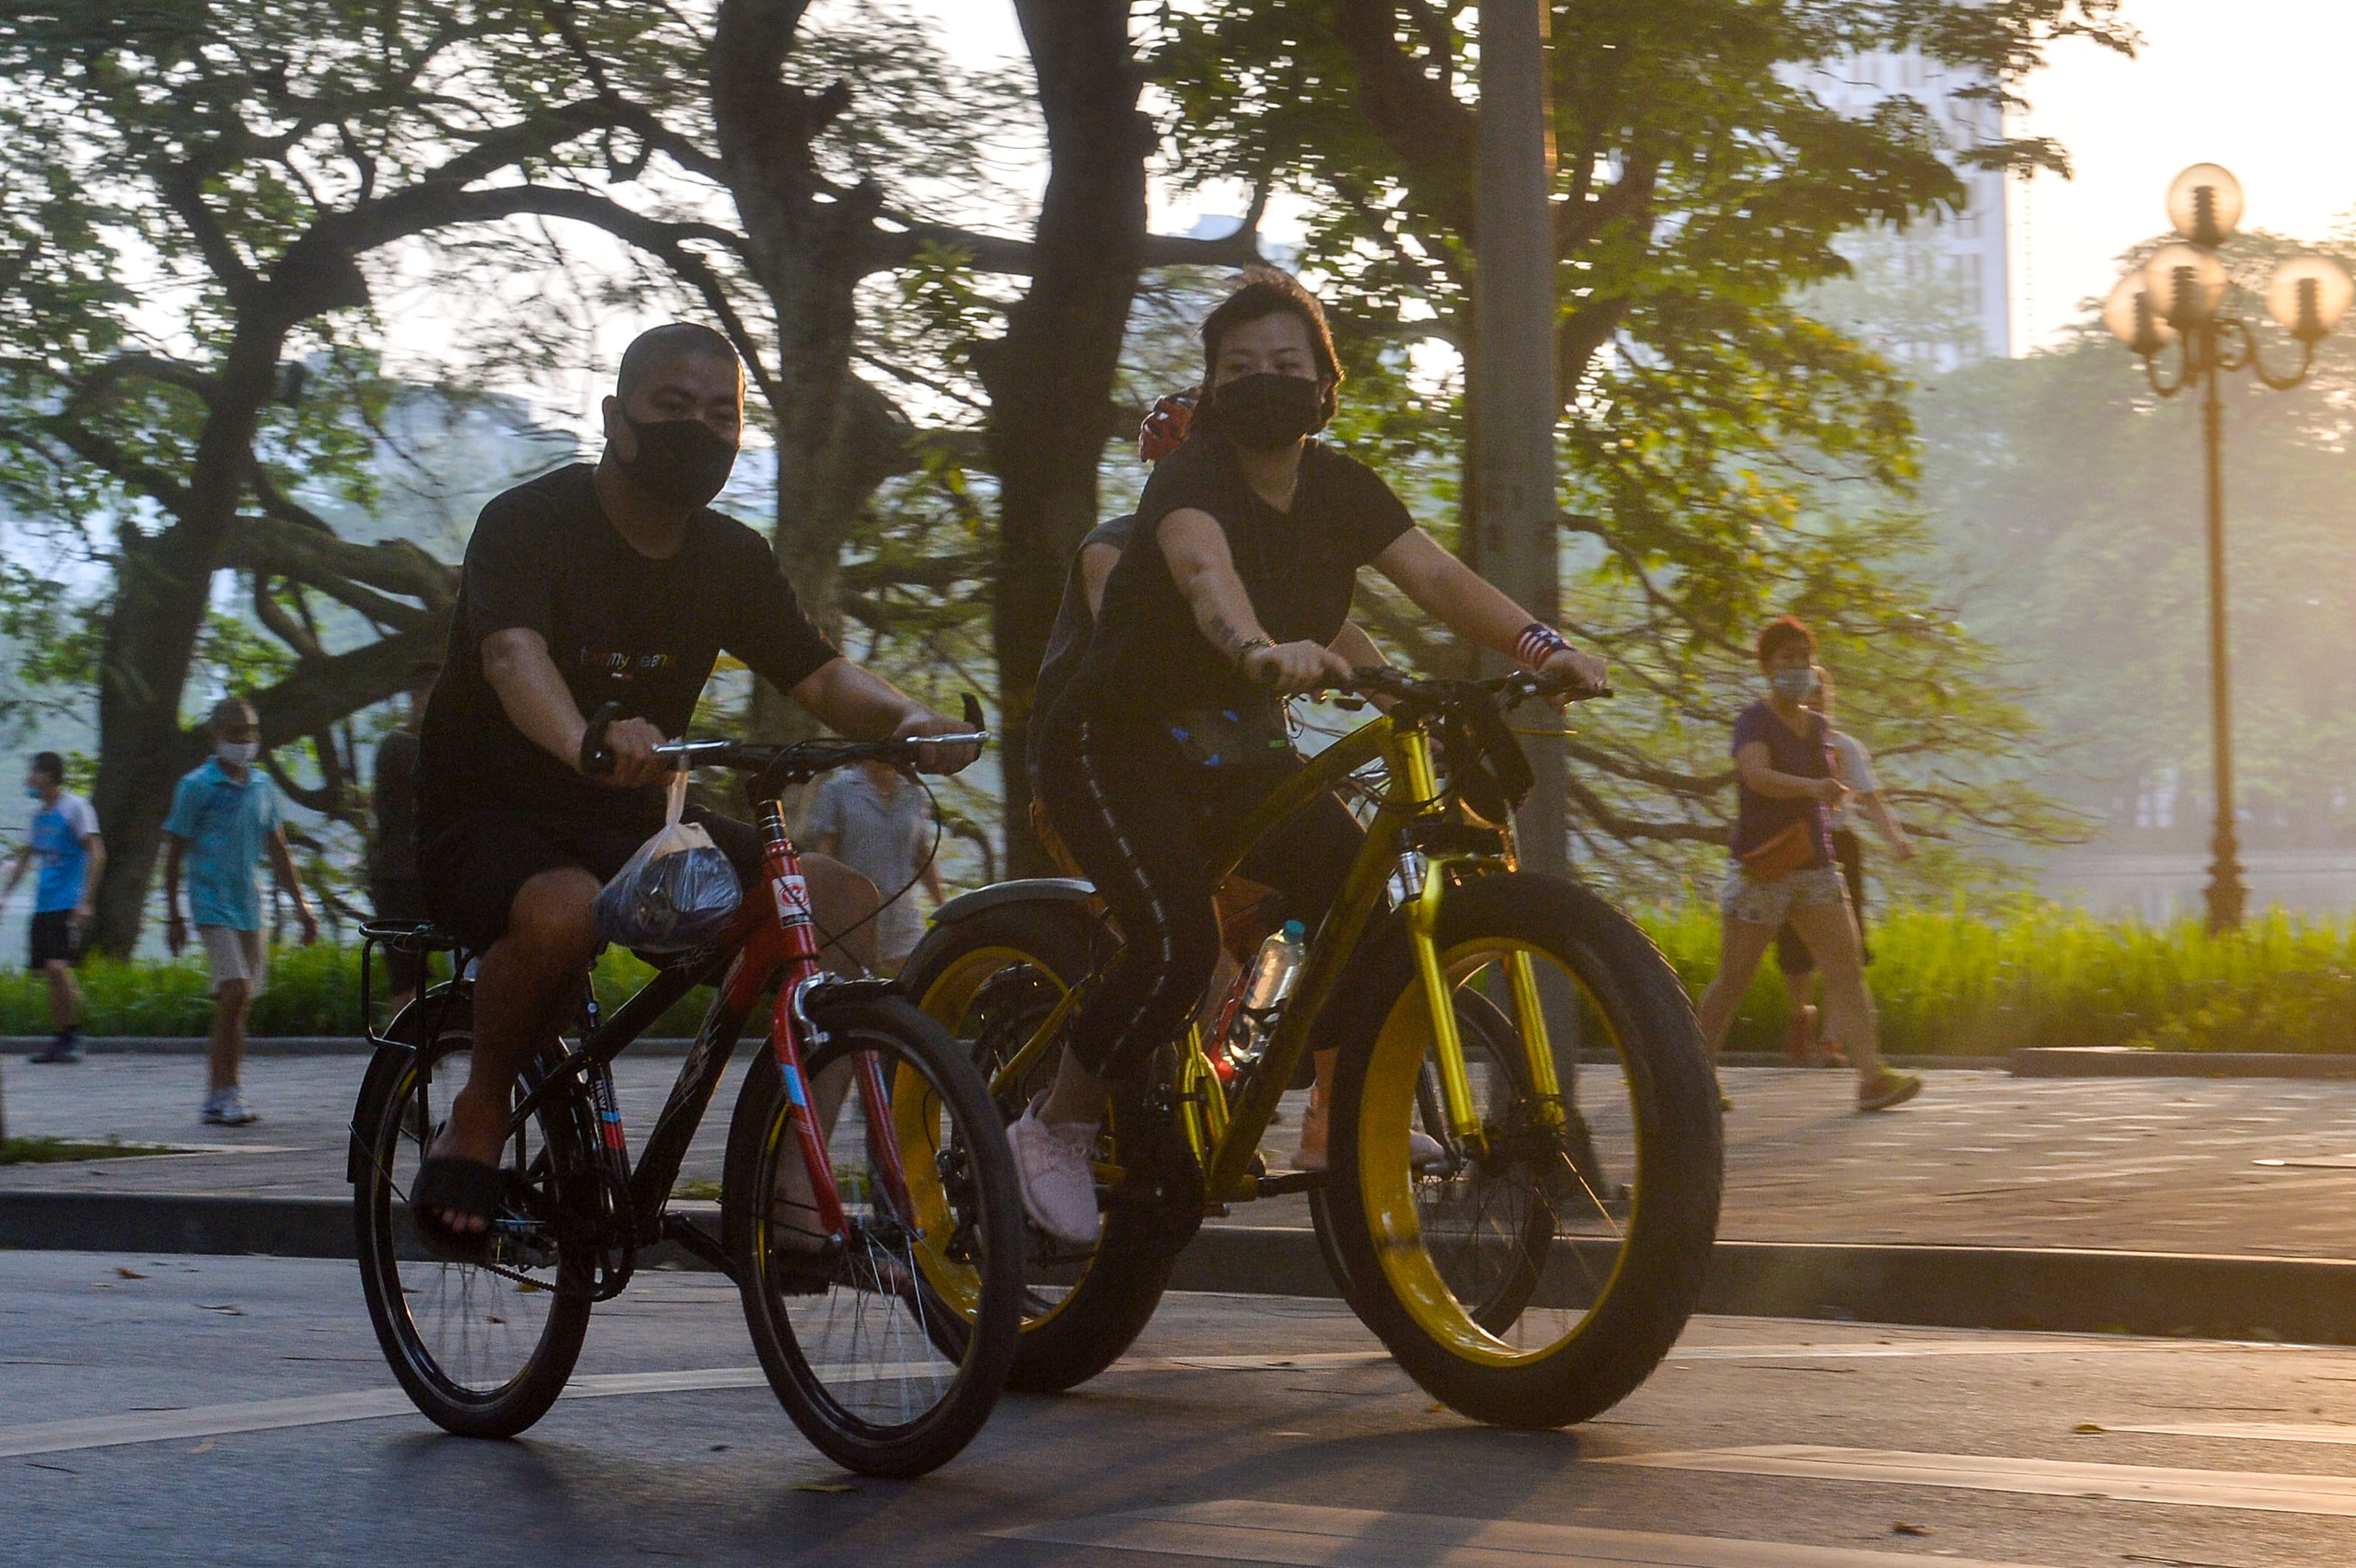 Hàng trăm người dân tập thể dục, đạp xe quanh hồ Gươm bất chấp dịch quy định phòng dịch Covid-19 - Ảnh 5.